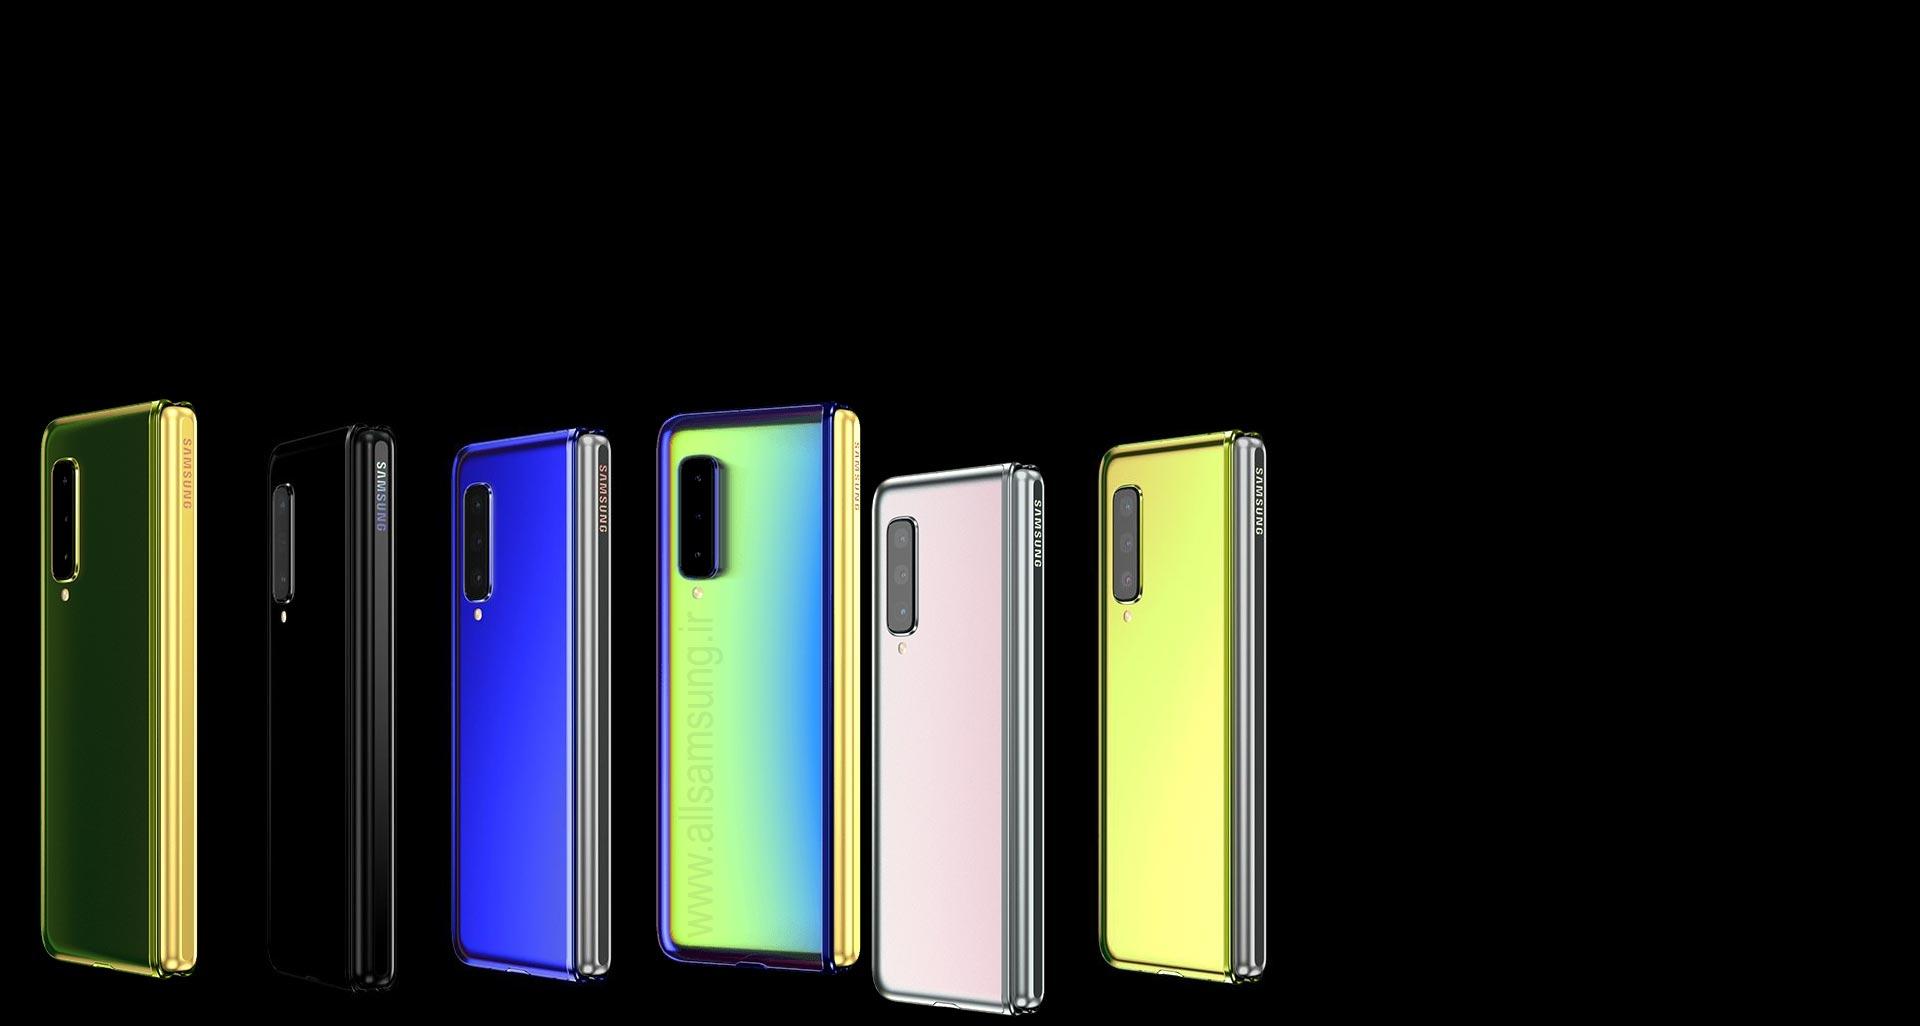 گوشی تاشوی گلکسی فولد با رنگ هایی بروز و متناسب با سلیقه شماگوشی تاشوی گلکسی فولد با رنگ هایی بروز و متناسب با سلیقه شما